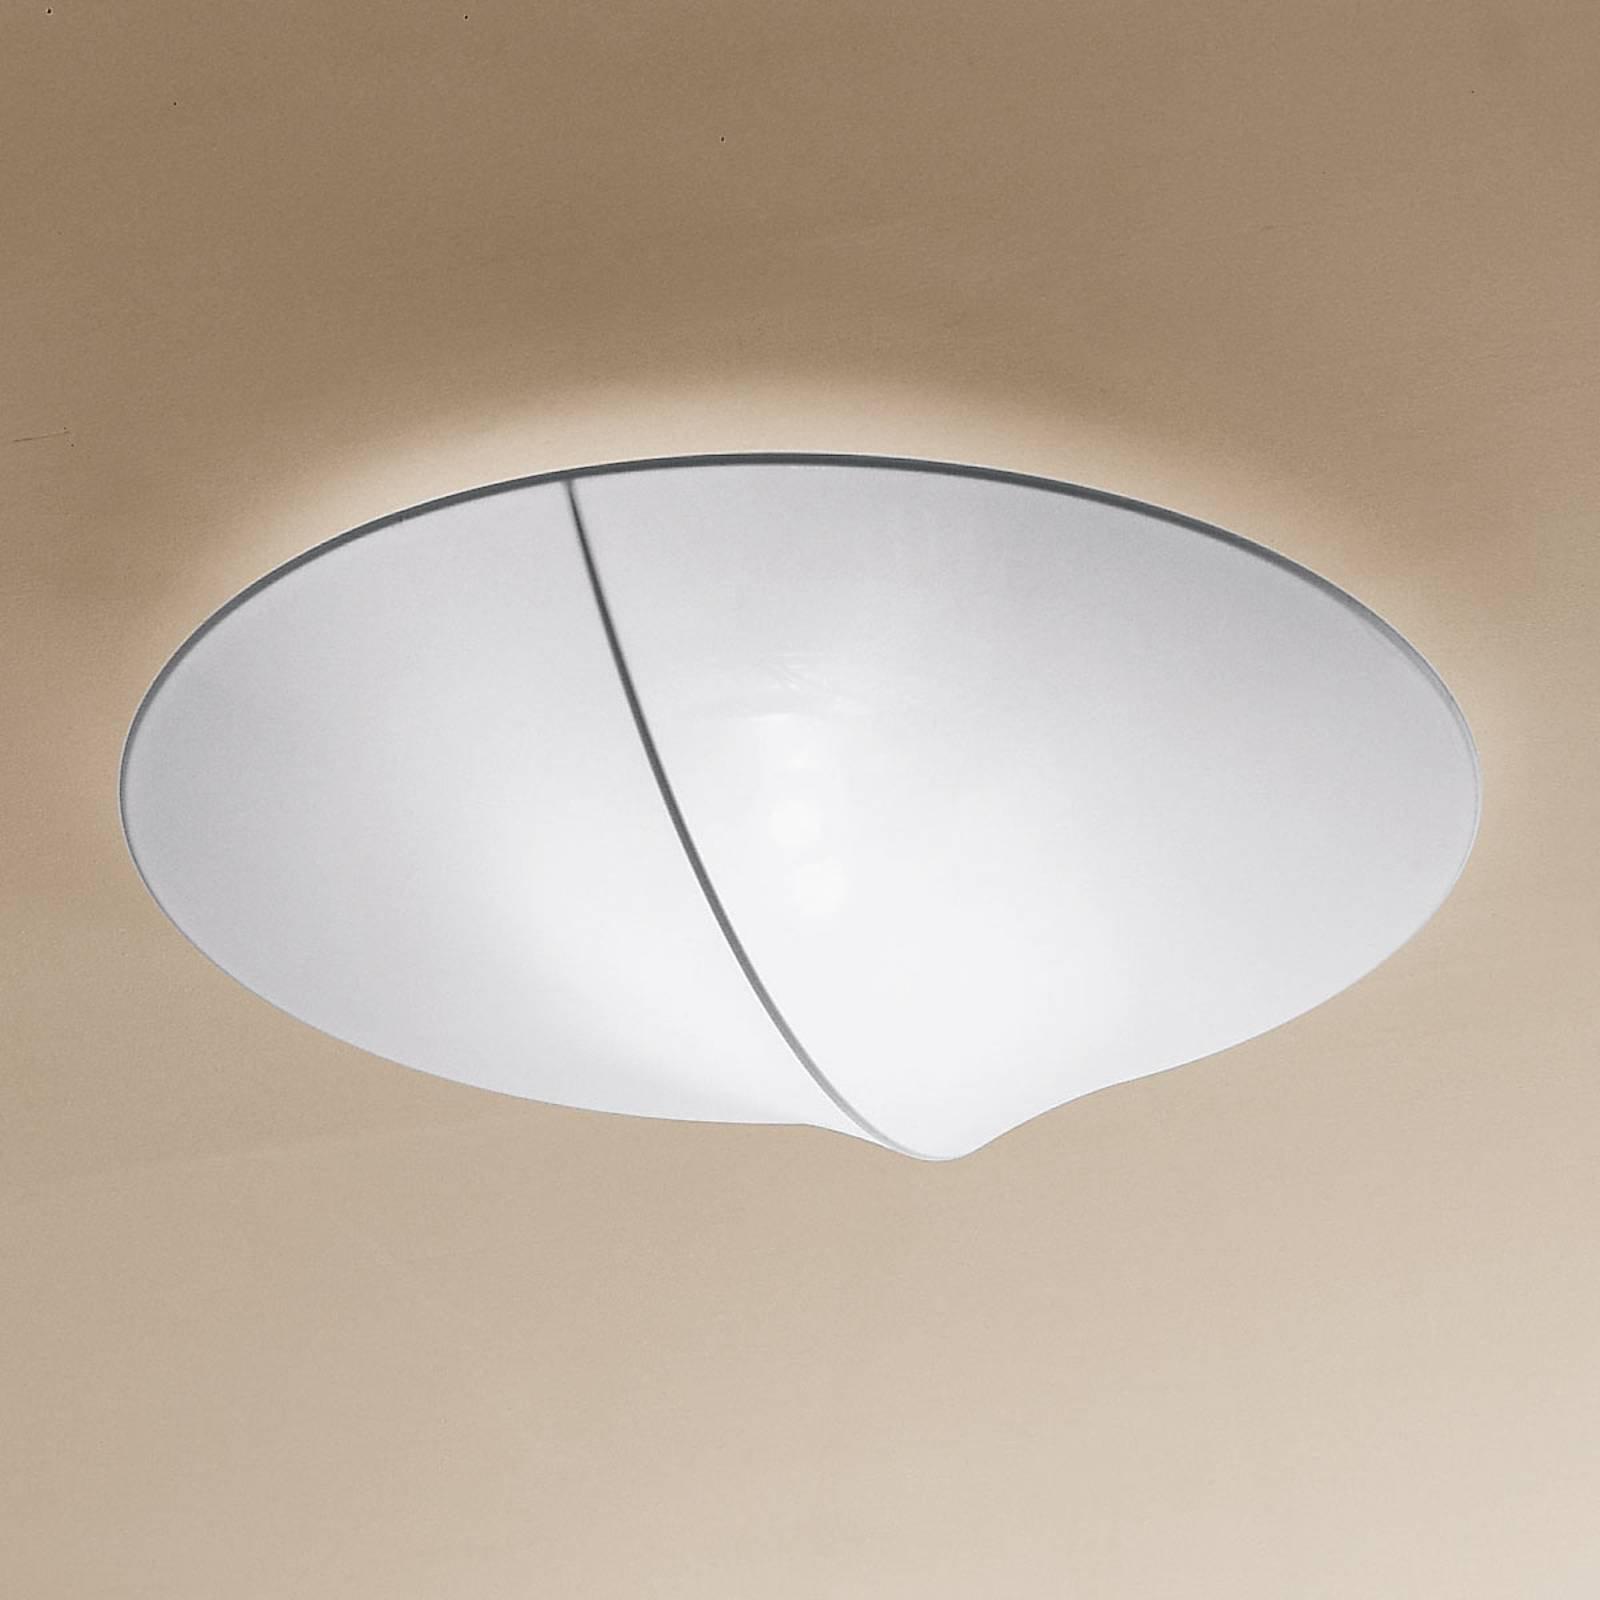 Axolight Nelly tekstil-taklampe hvit 60 cm